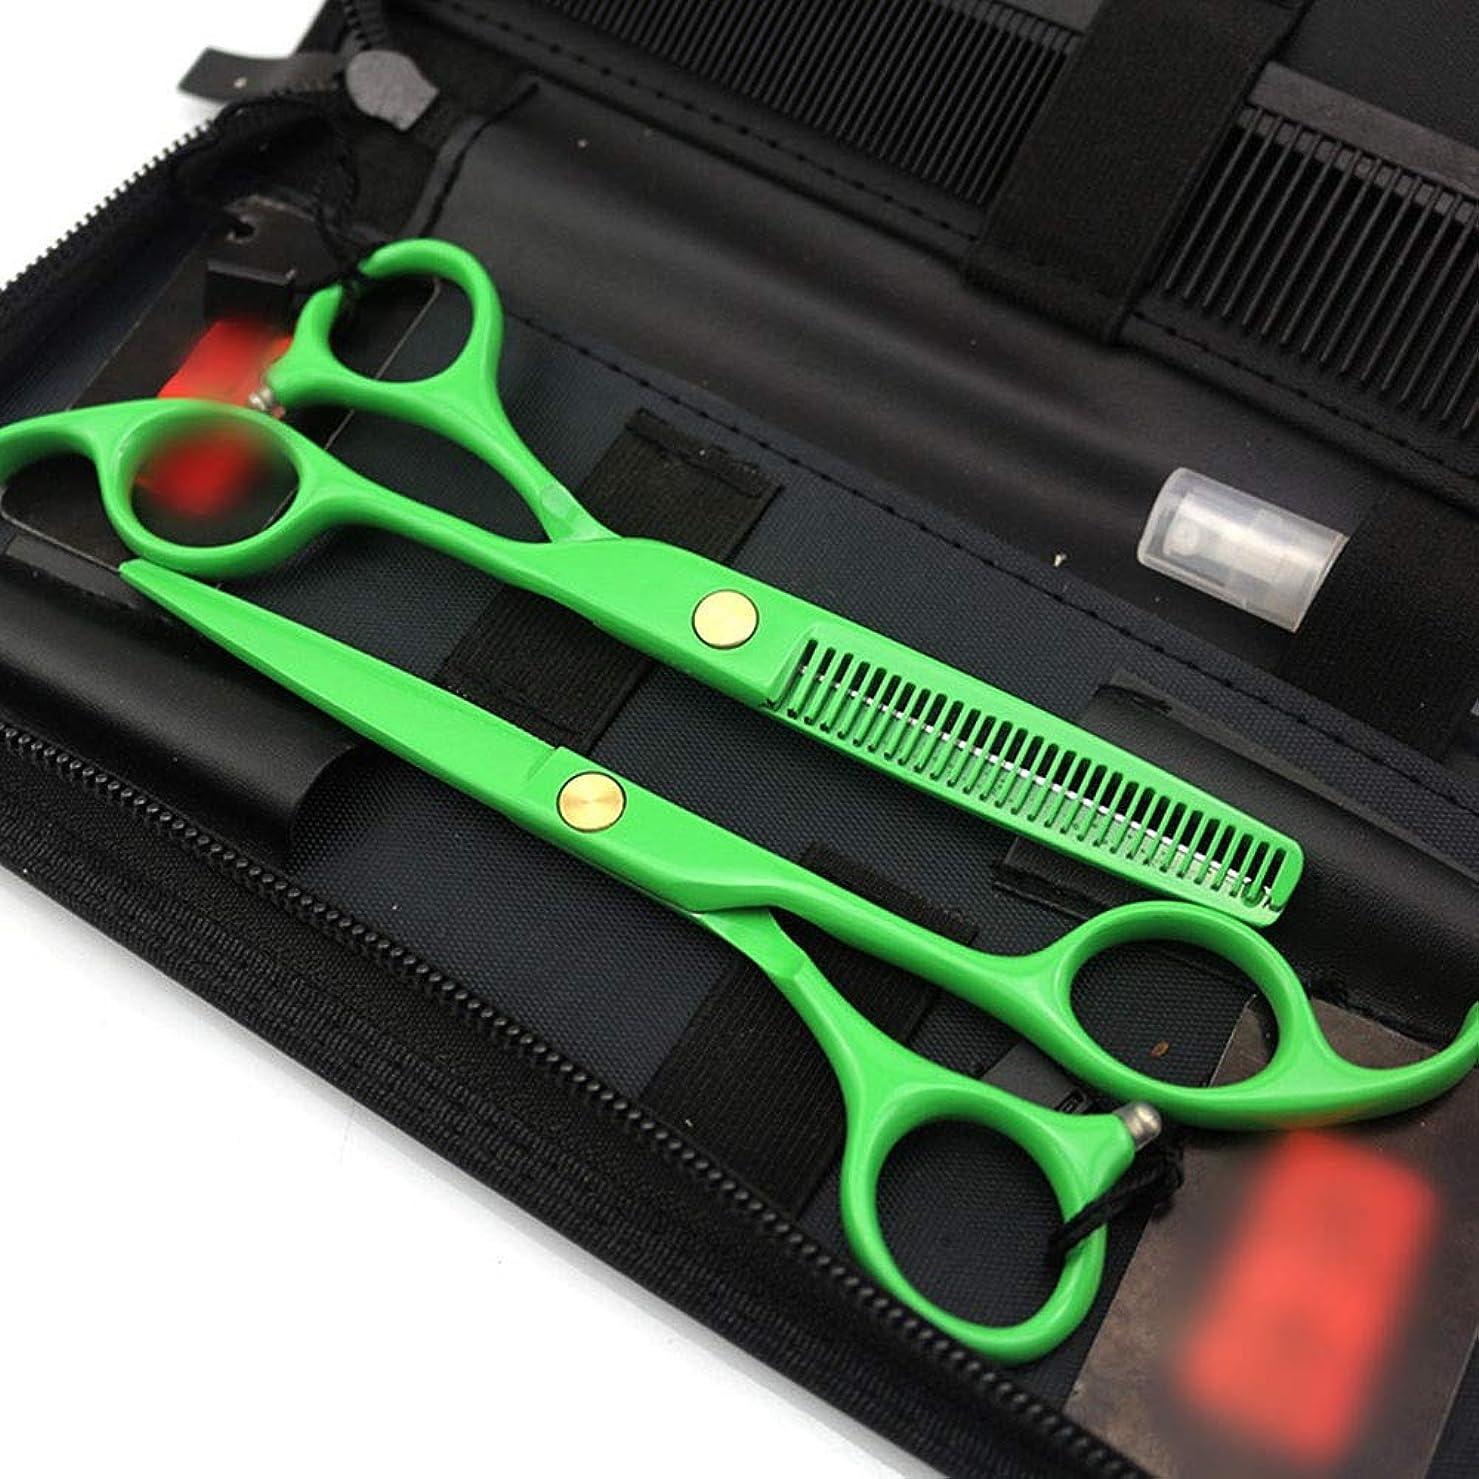 断線ハミングバード特性5.5インチプロフェッショナル理髪はさみセット、電気メッキグリーンフラット+歯はさみ モデリングツール (色 : オレンジ)